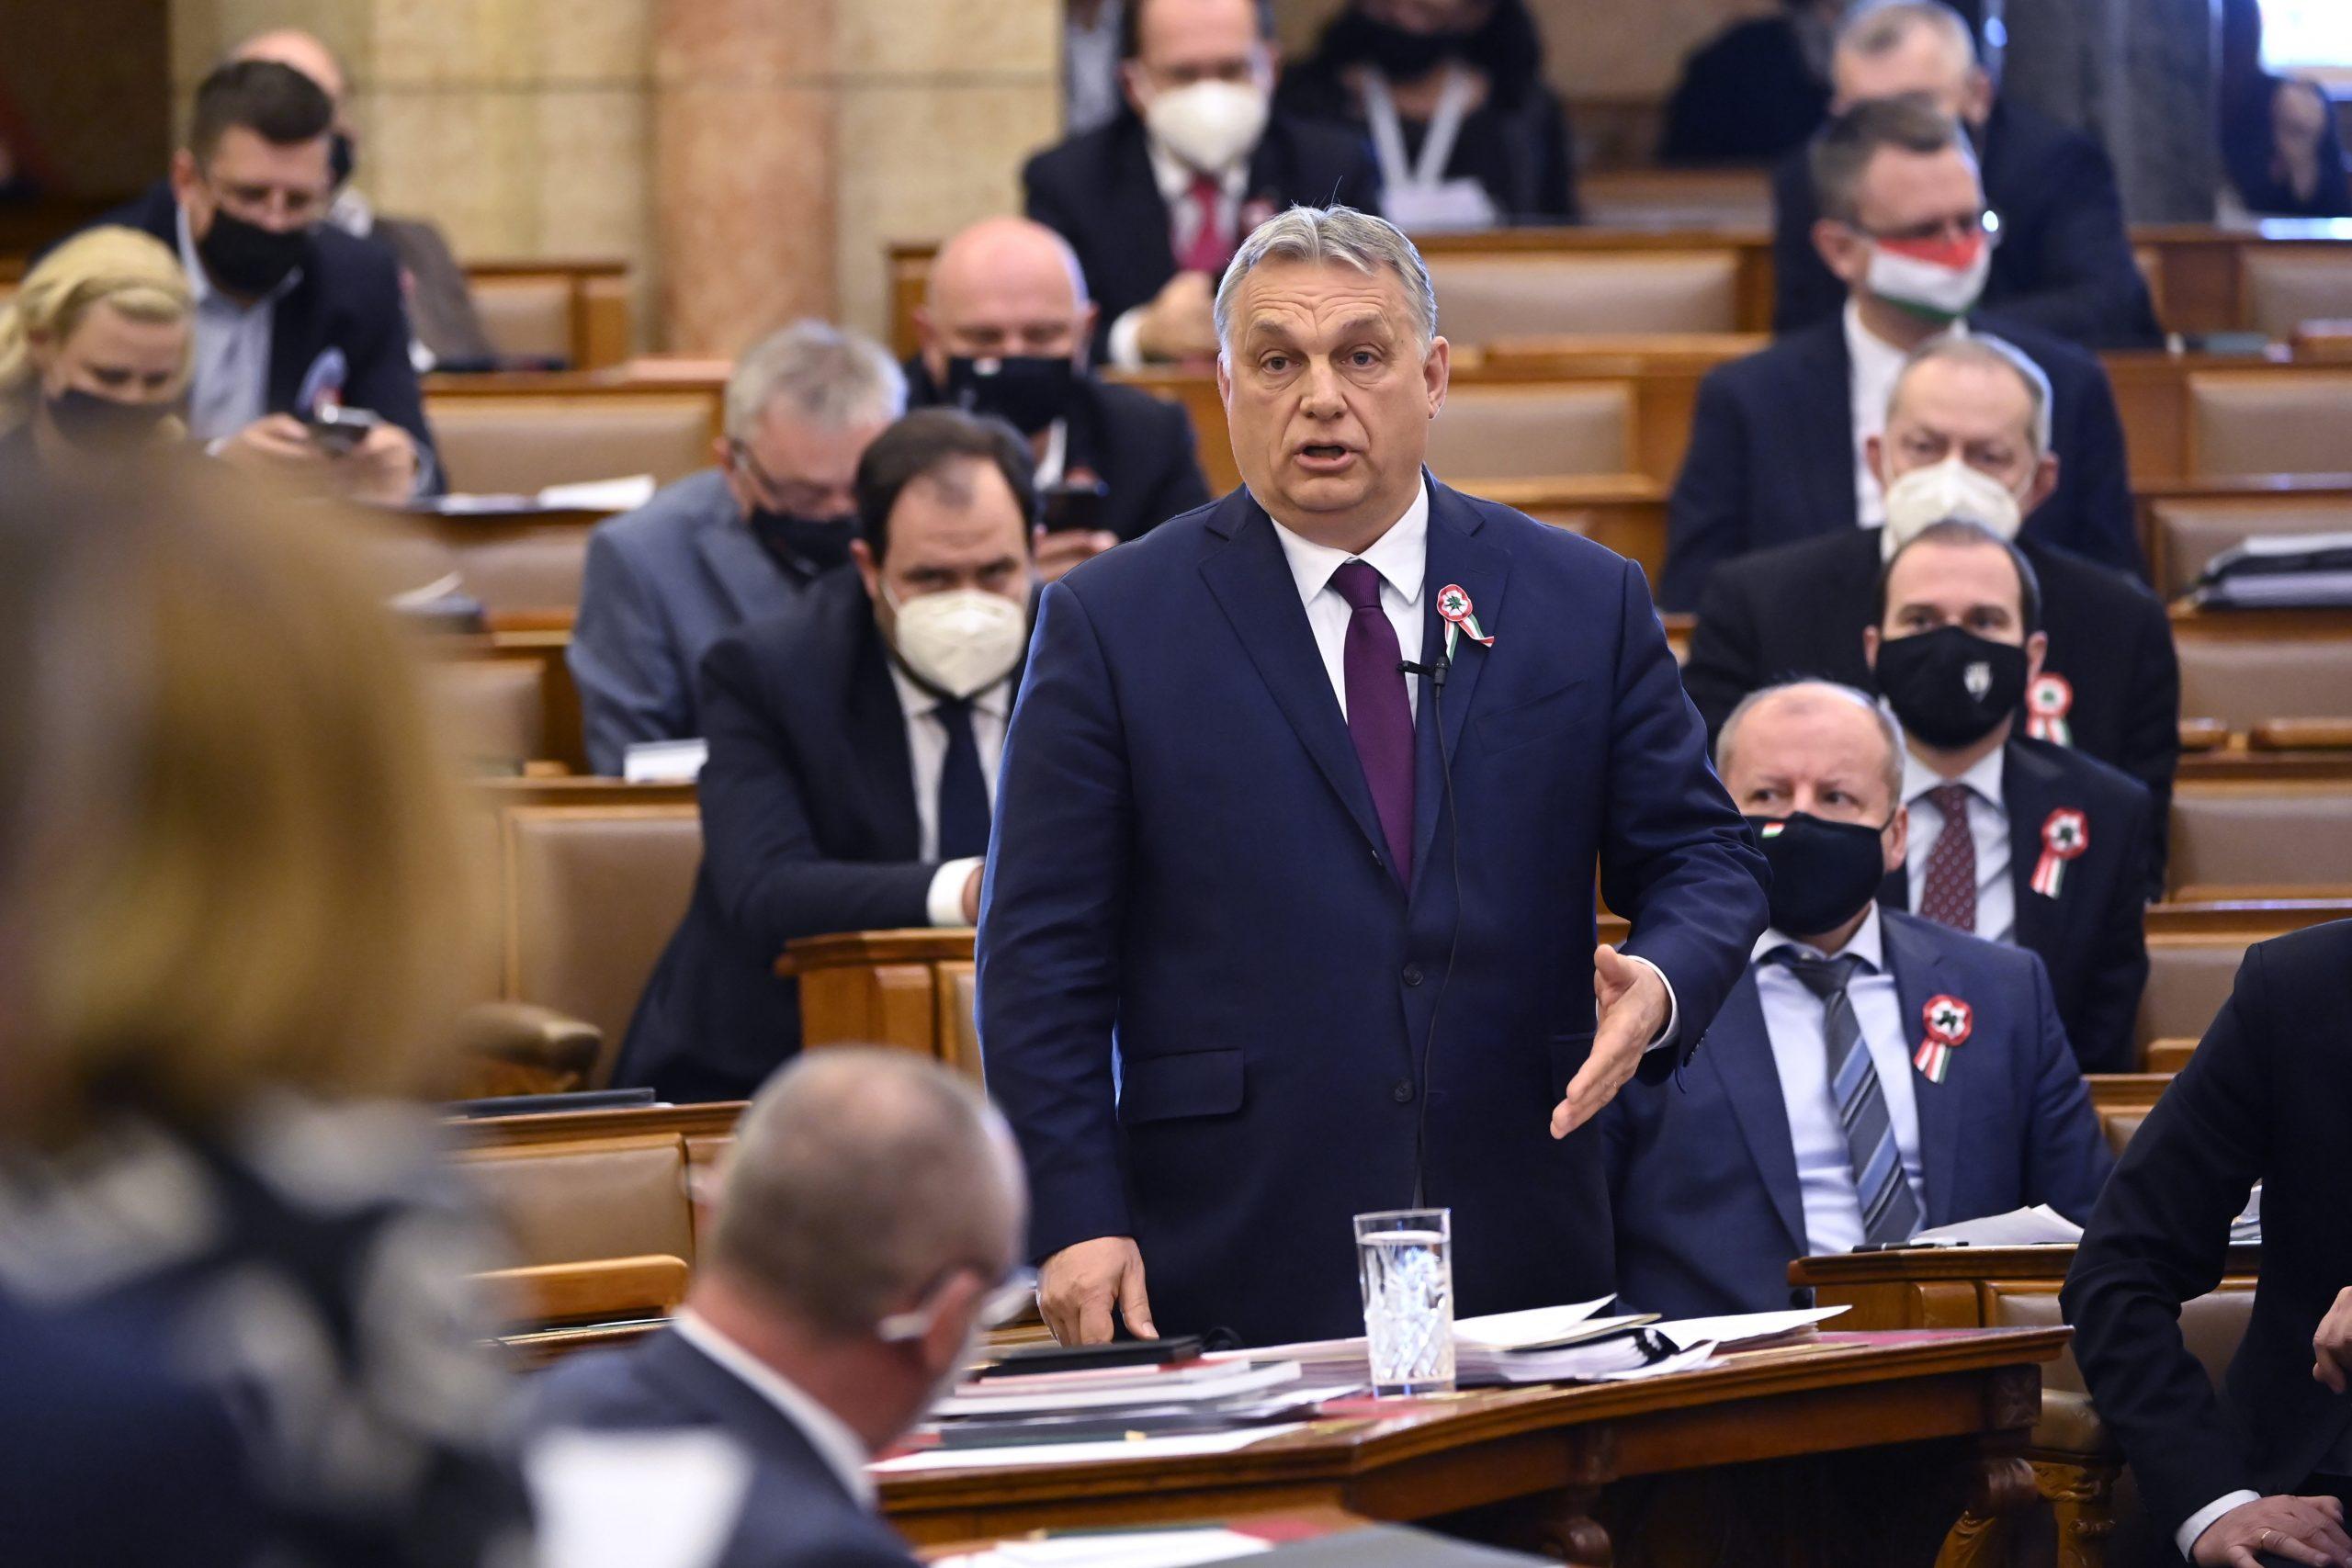 BUDAPOST: Parlamentswahl 2022: Regierungslager zuversichtlich